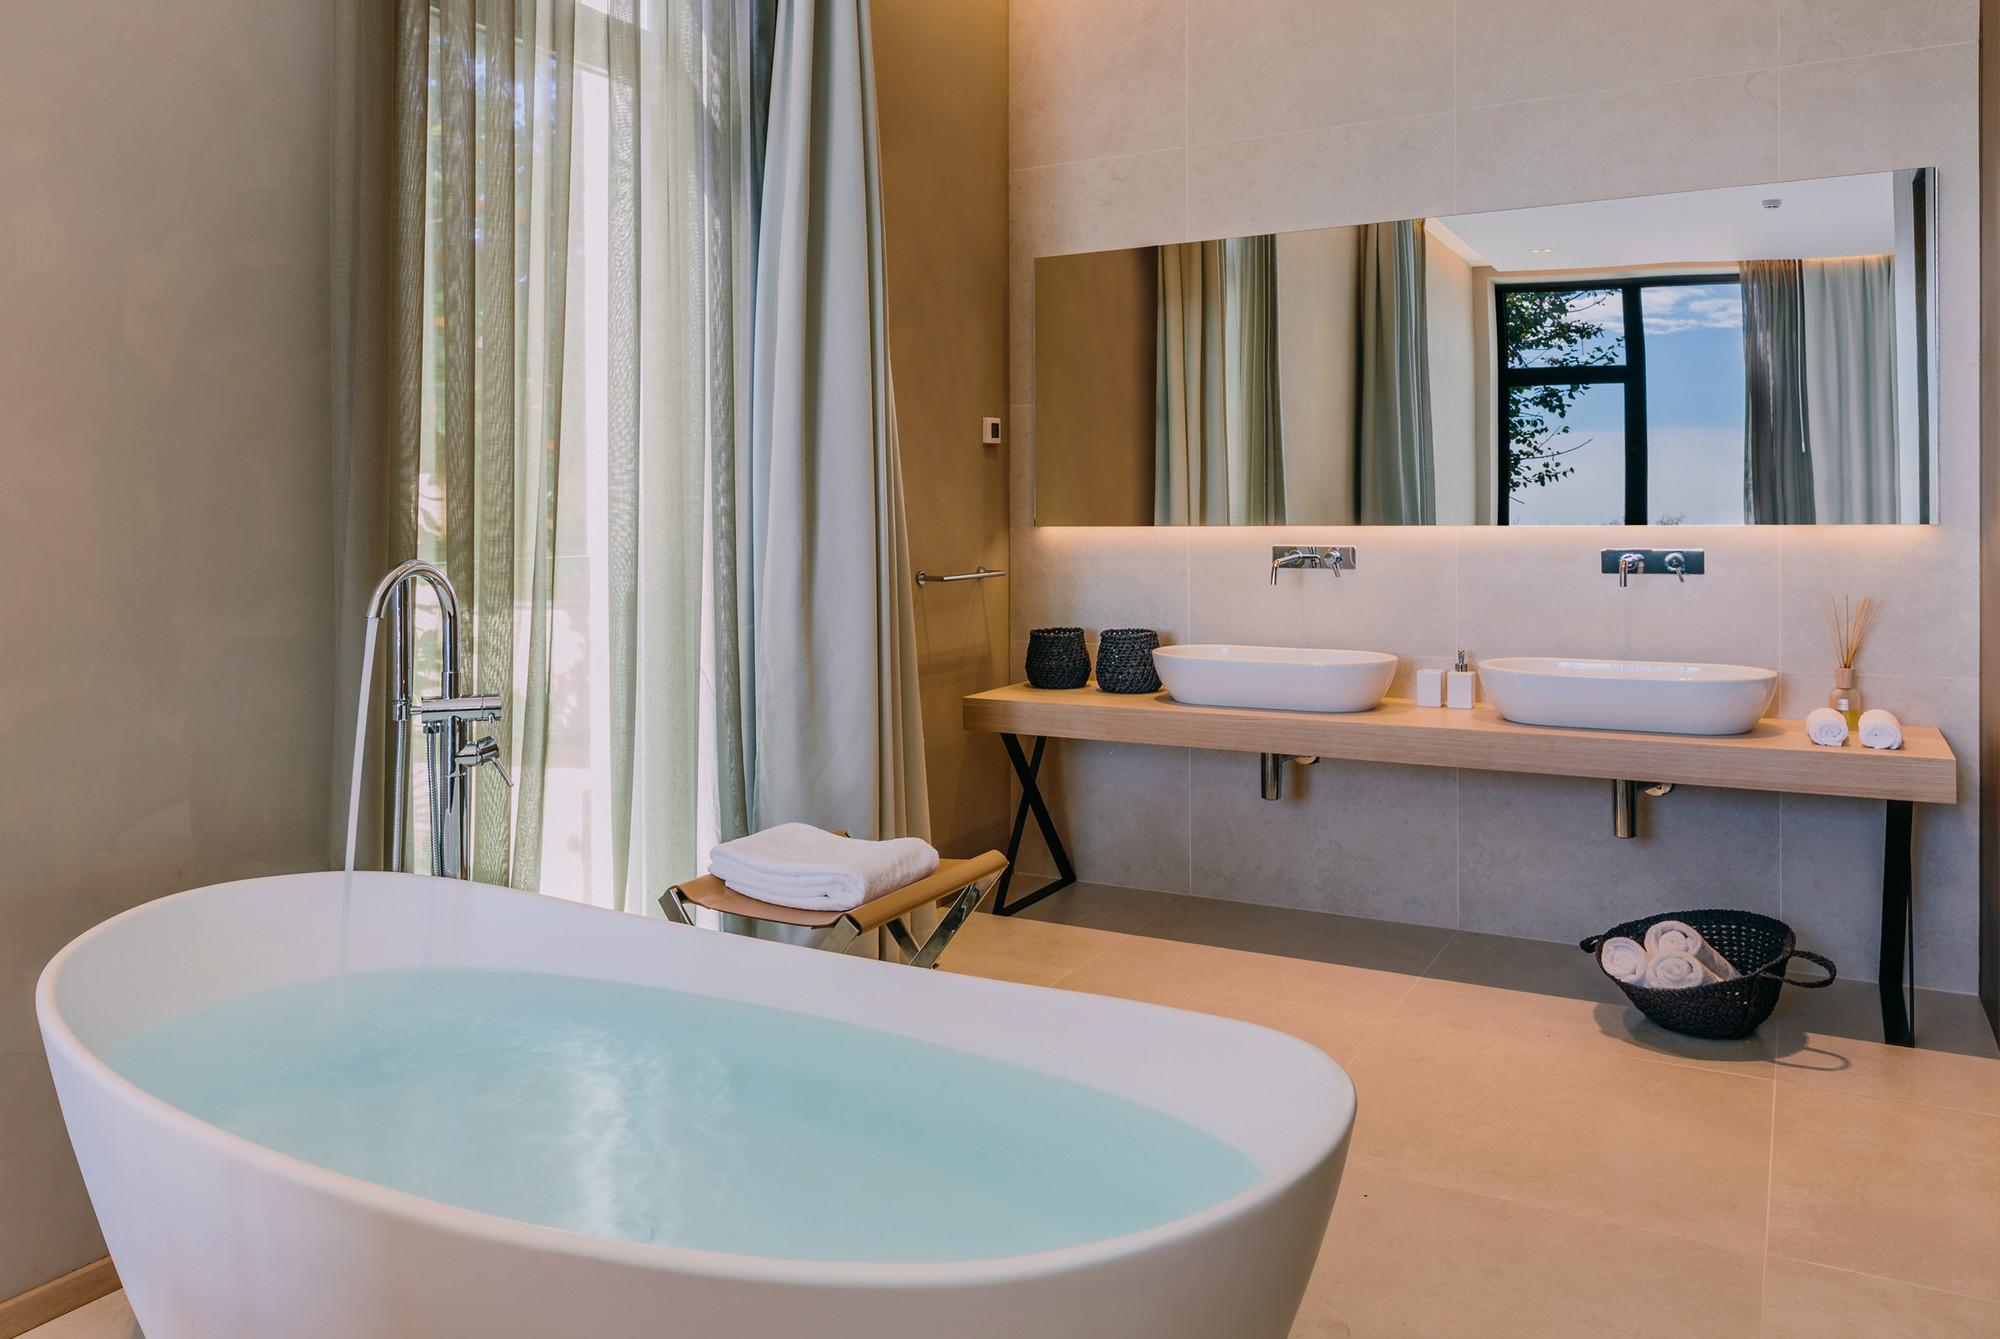 Uma casa de banho...